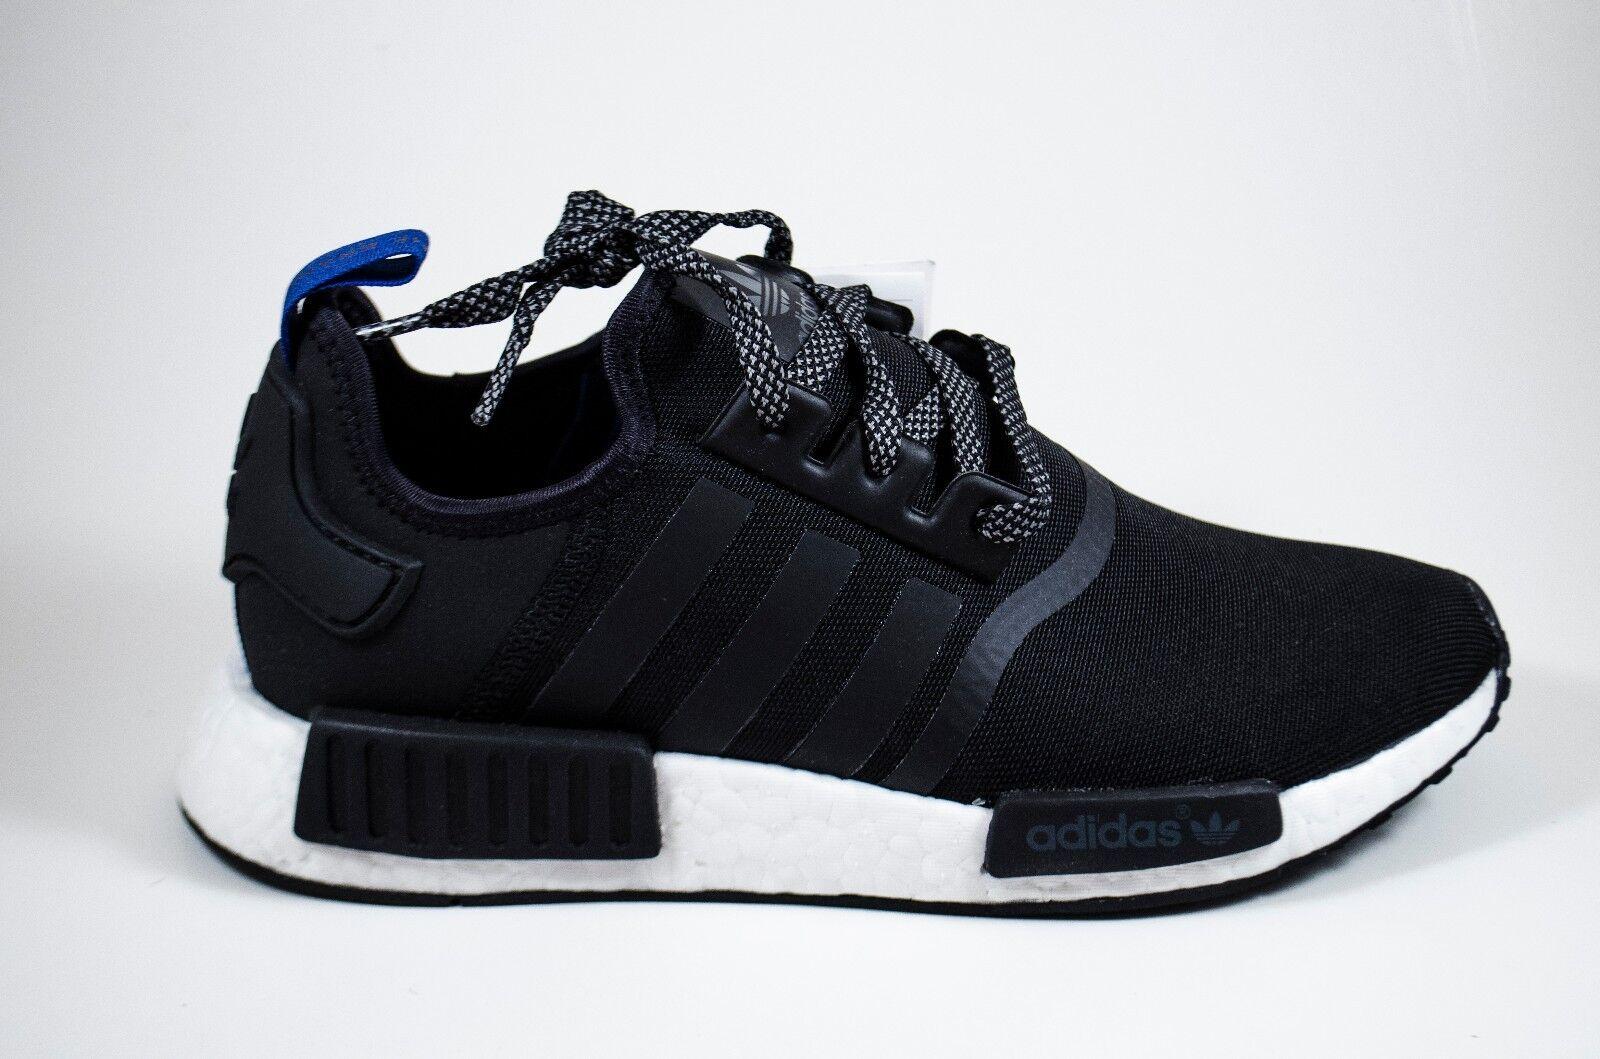 Black blanco hombre zapatos  Adidas NMD Runner zapatos hombre 8a0663